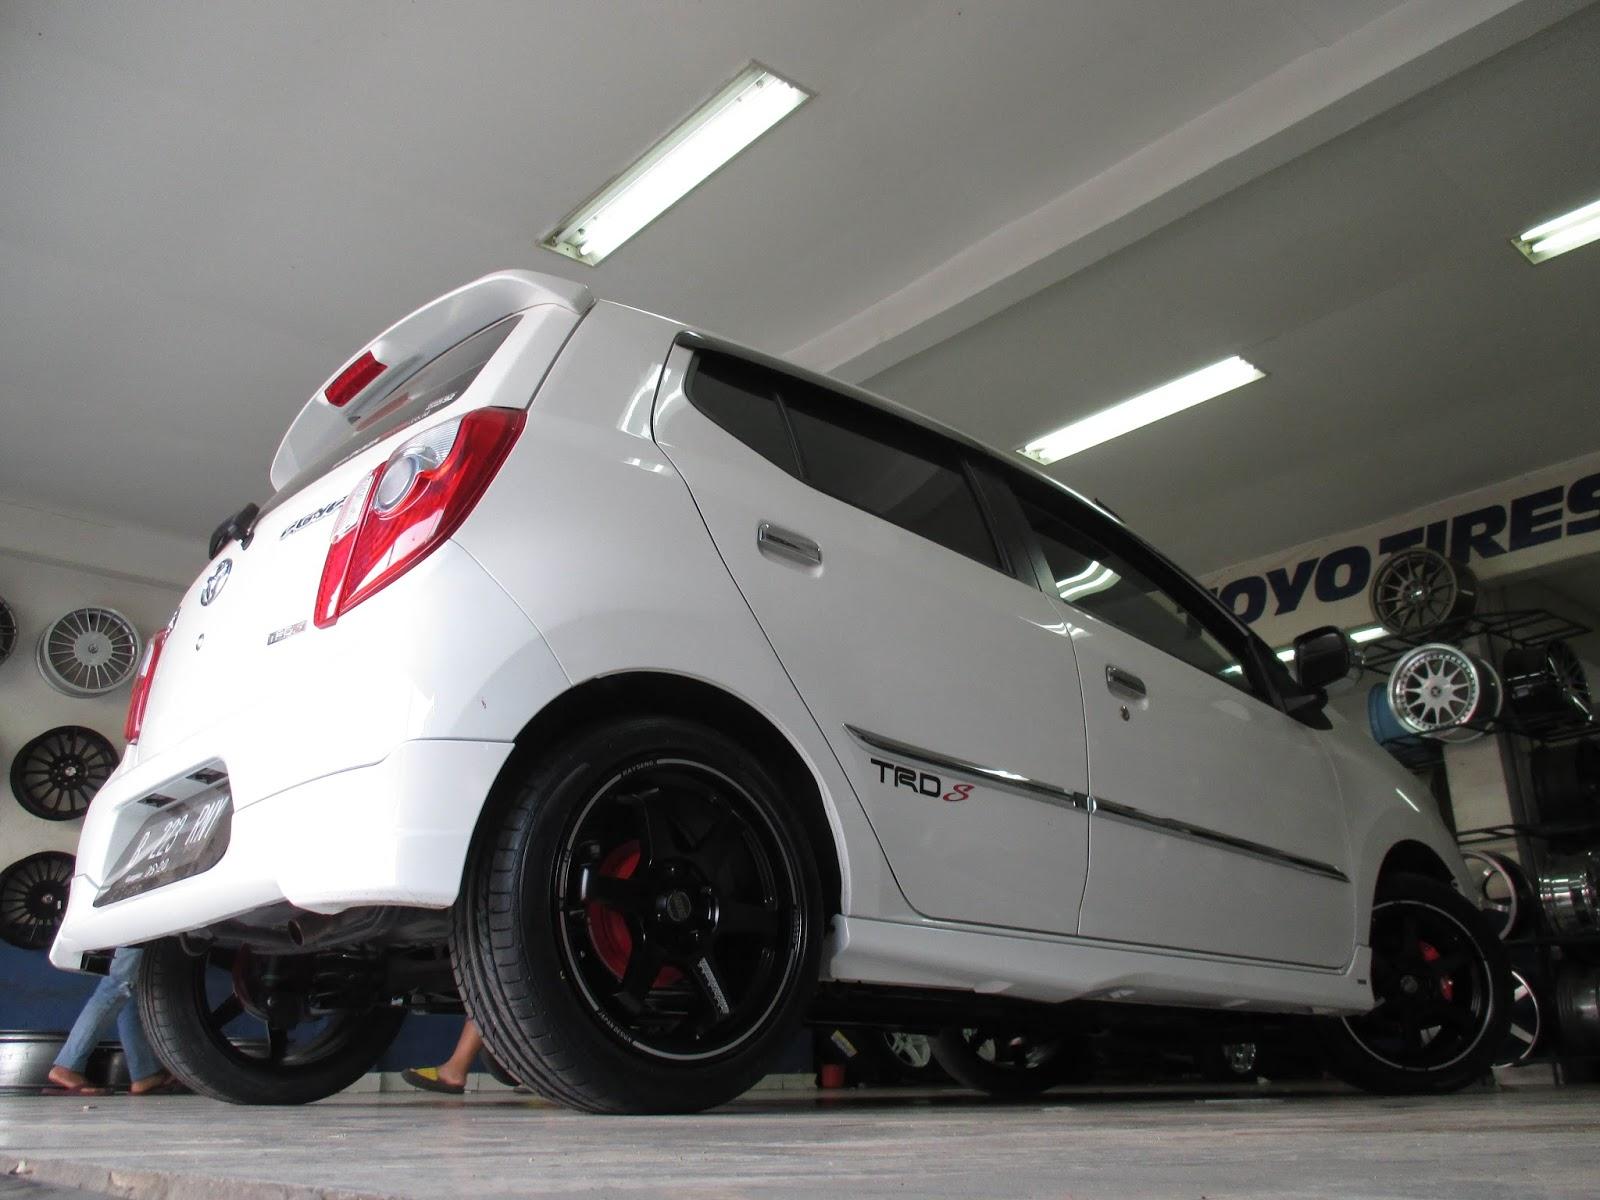 Warna New Agya Trd Grand Avanza 1300cc Modifikasi Mobil Bagian Velg Knalpot Lampu Dan Jok